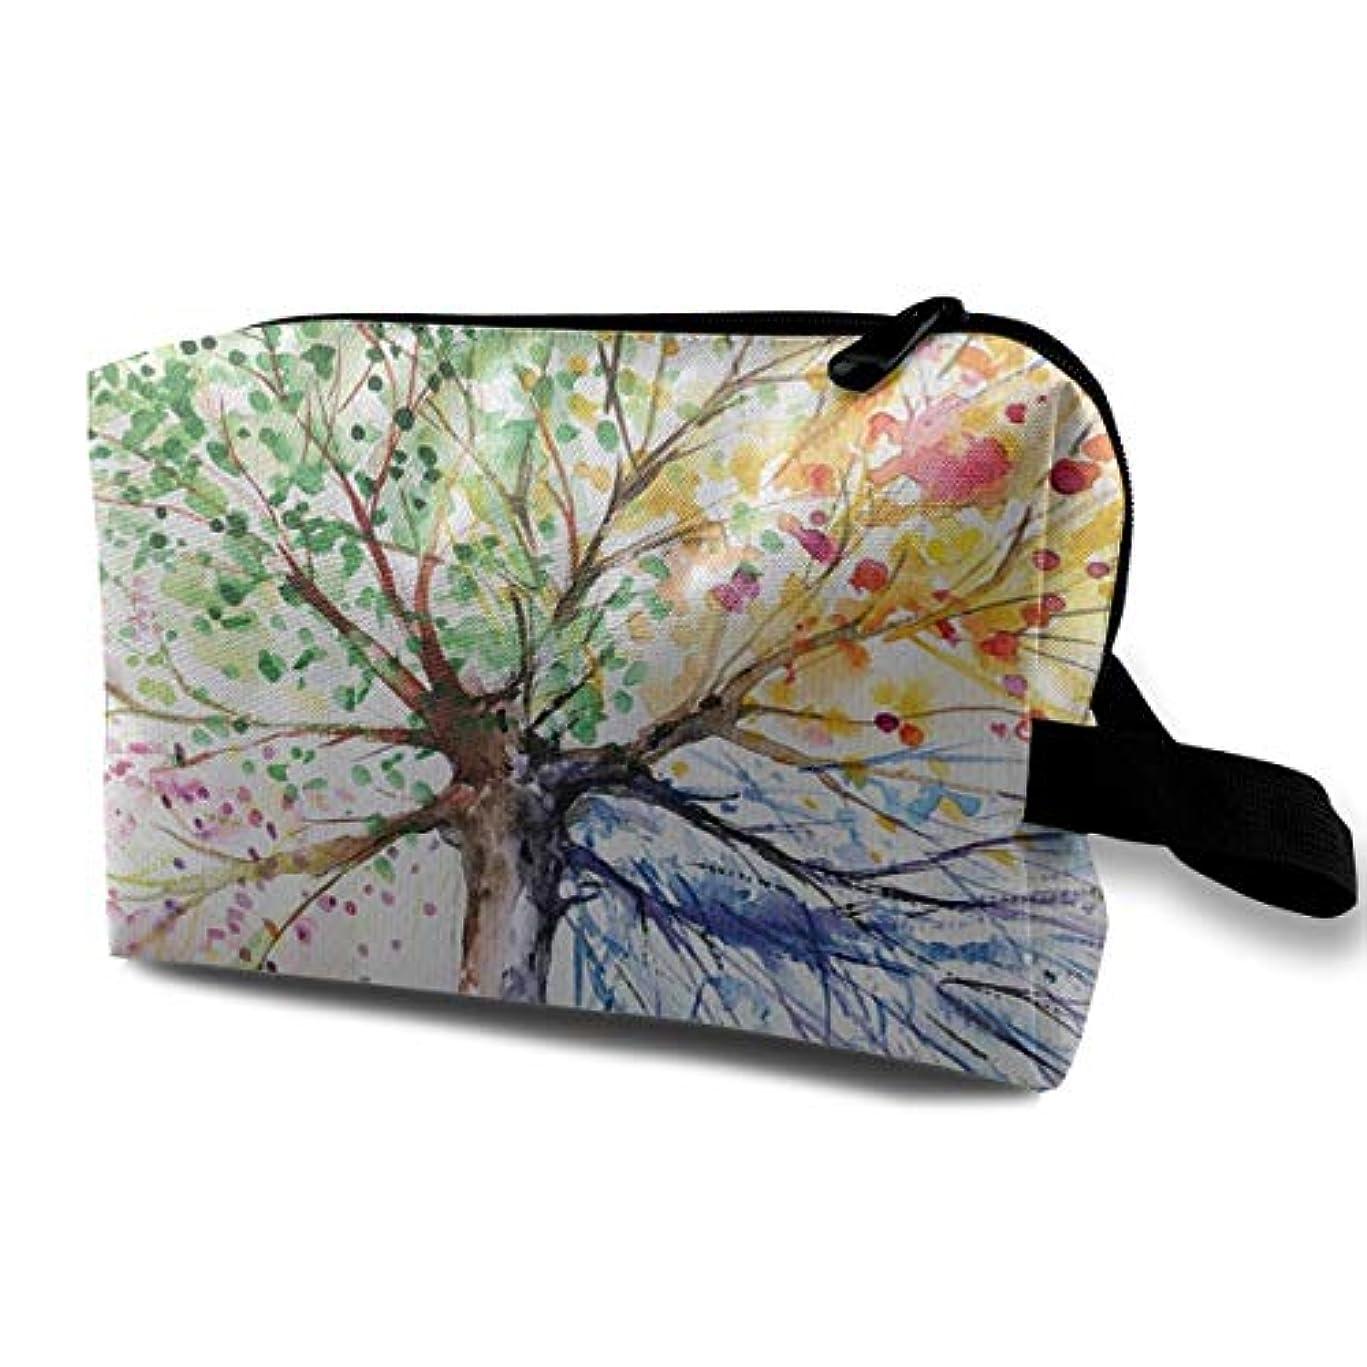 簡単な力強いから聞くArt Color Tree 収納ポーチ 化粧ポーチ 大容量 軽量 耐久性 ハンドル付持ち運び便利。入れ 自宅?出張?旅行?アウトドア撮影などに対応。メンズ レディース トラベルグッズ